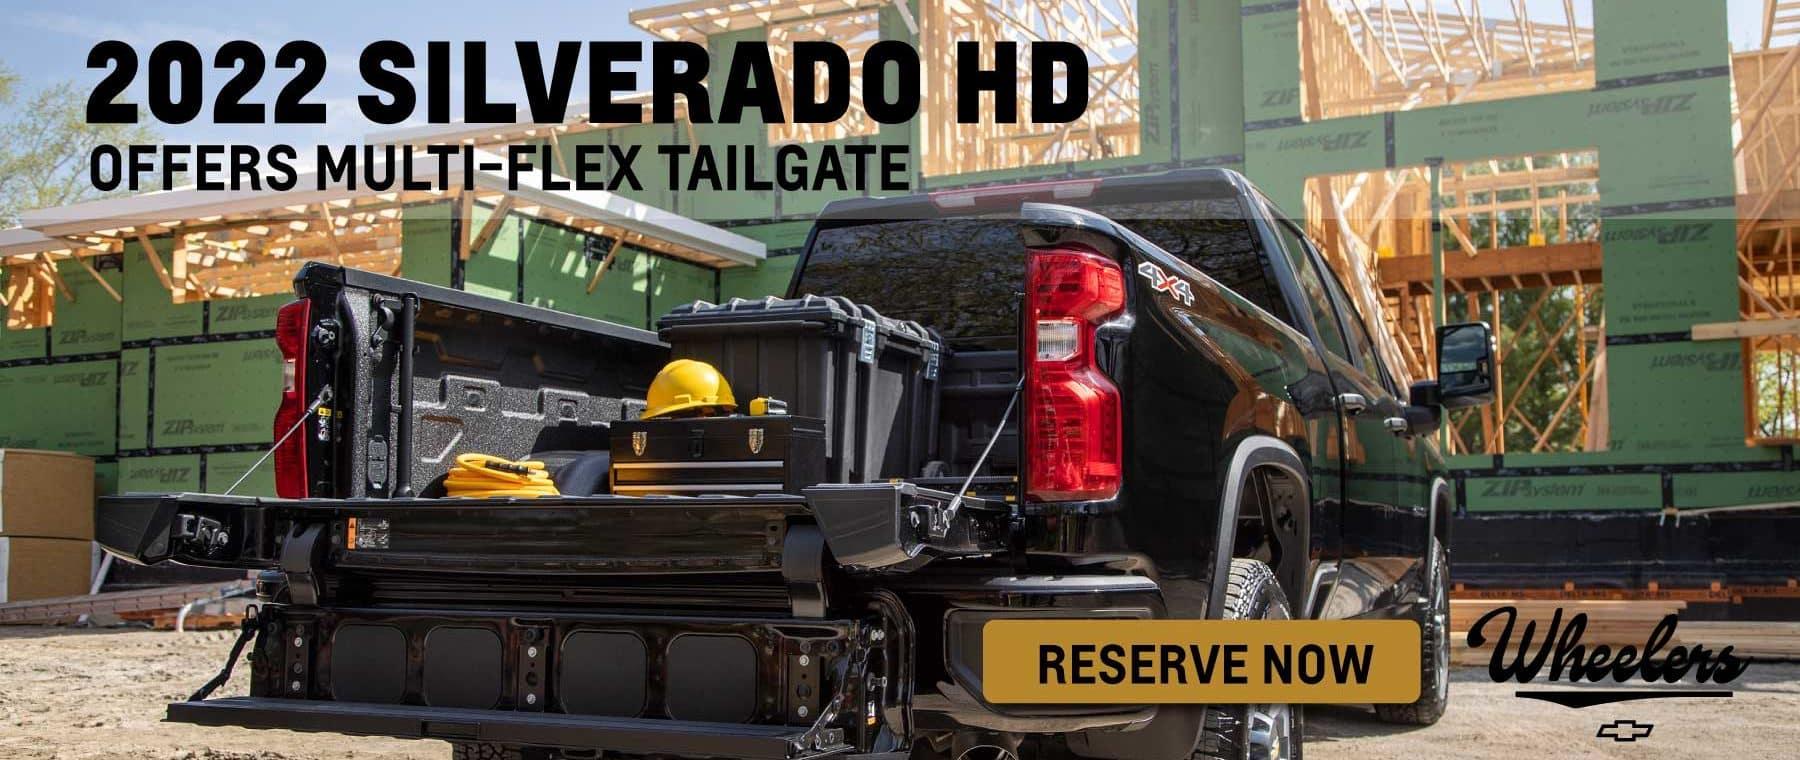 Reserve 2022 Chevrolet Silverado HD